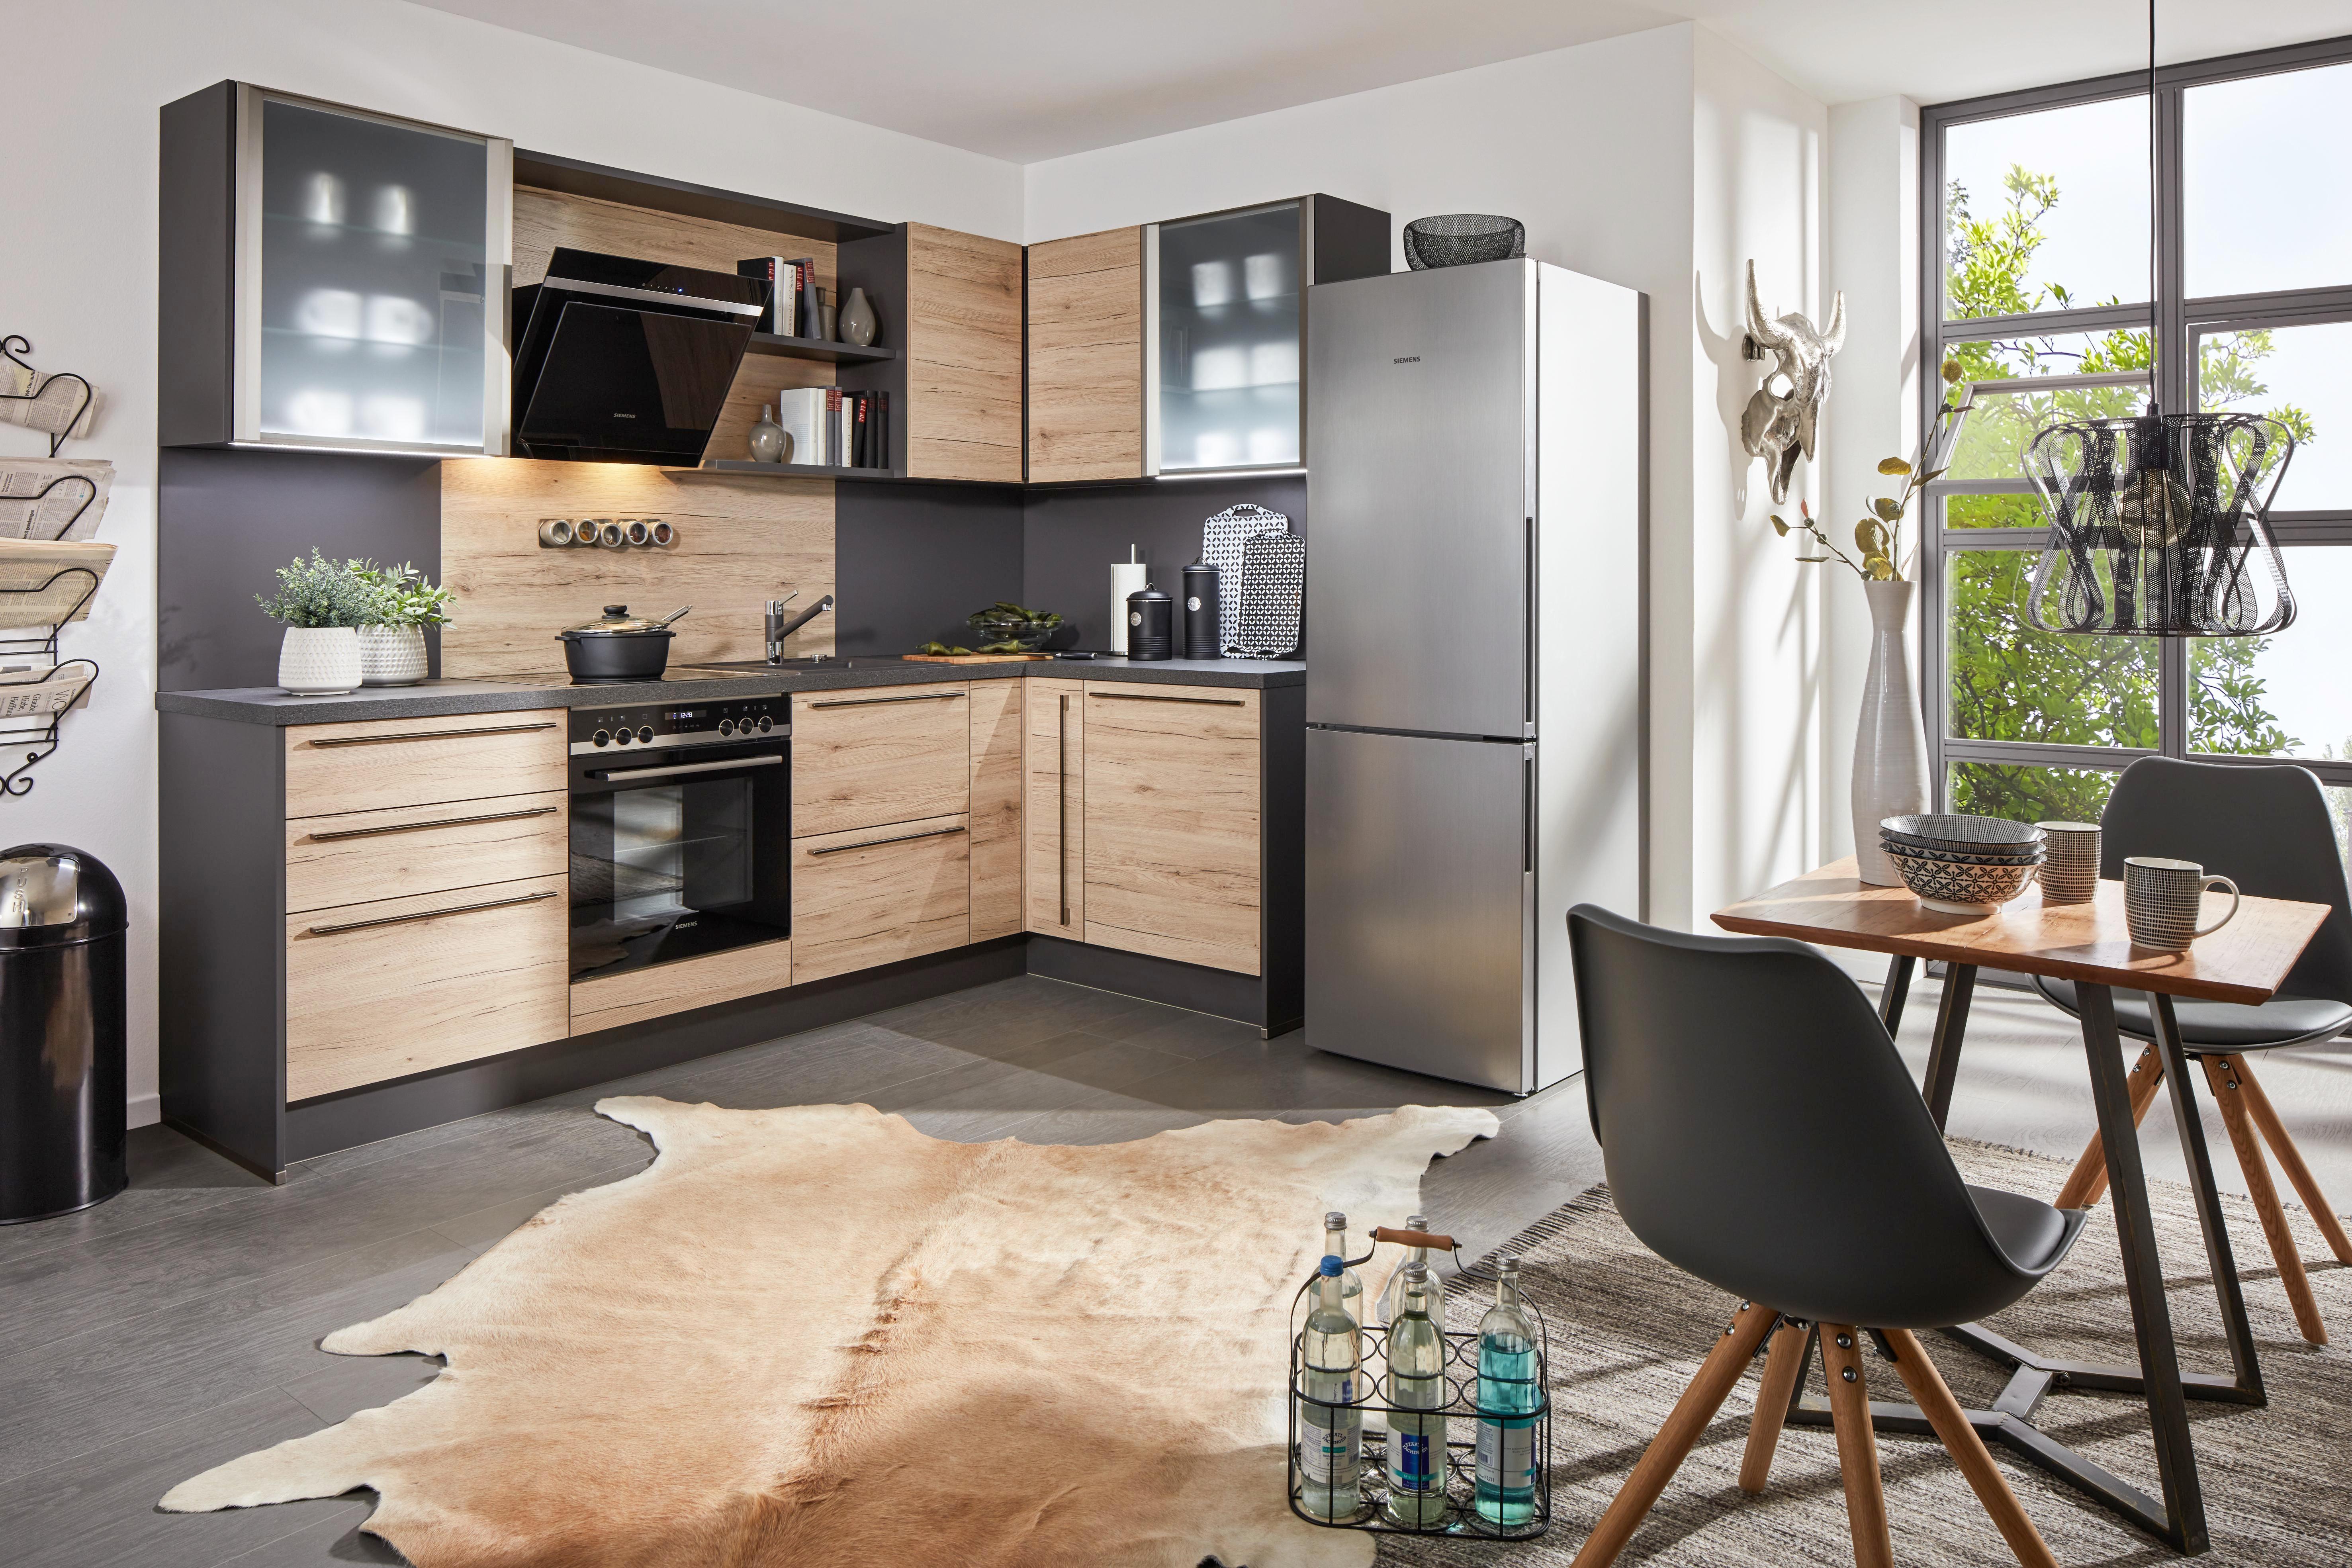 Beste Küchenmöbeltischler Galerie - Ideen Für Die Küche Dekoration ...